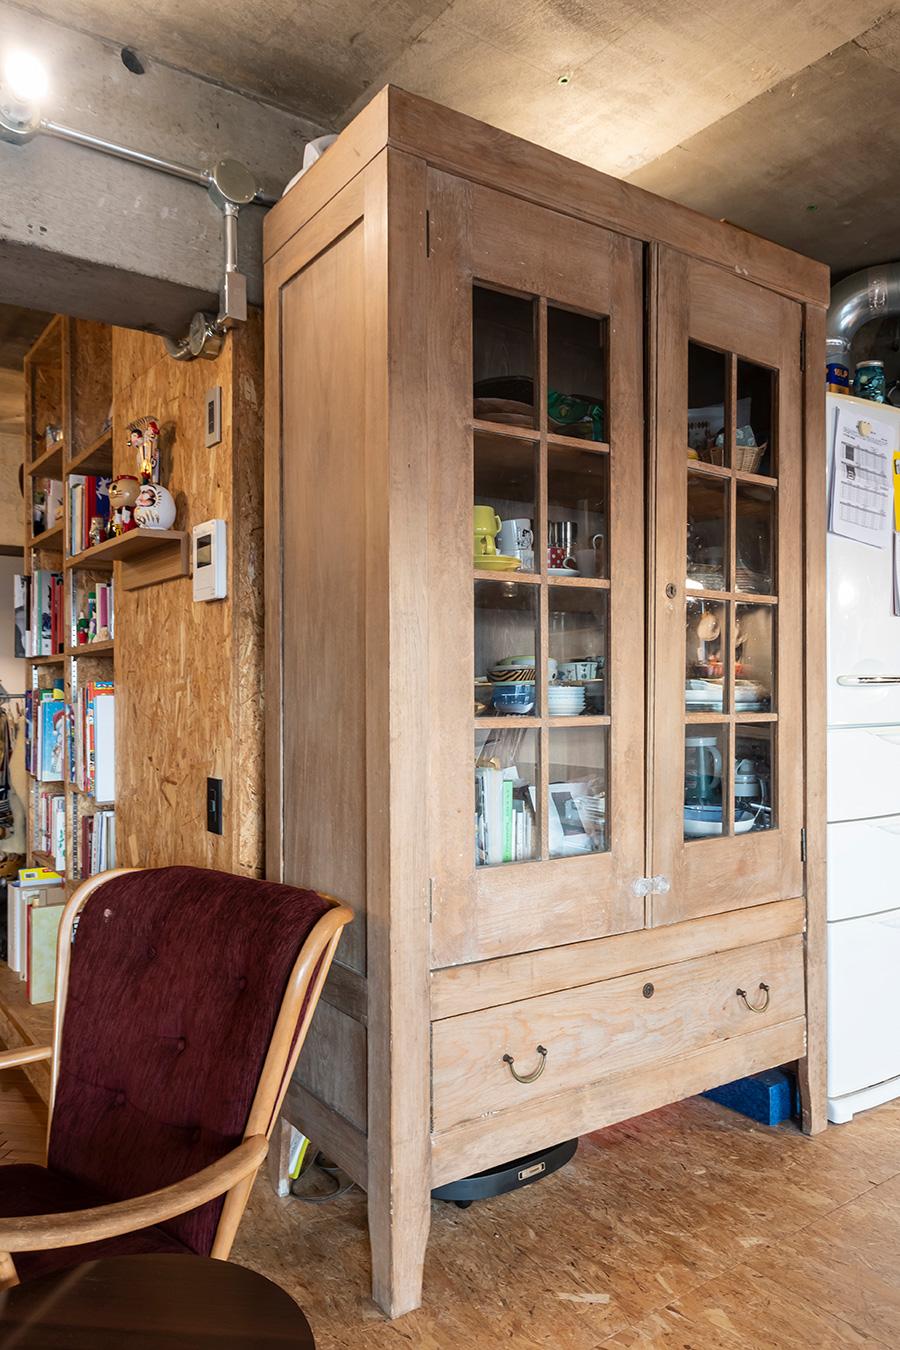 食器棚はかつて衣料店で使用されていた店舗什器。